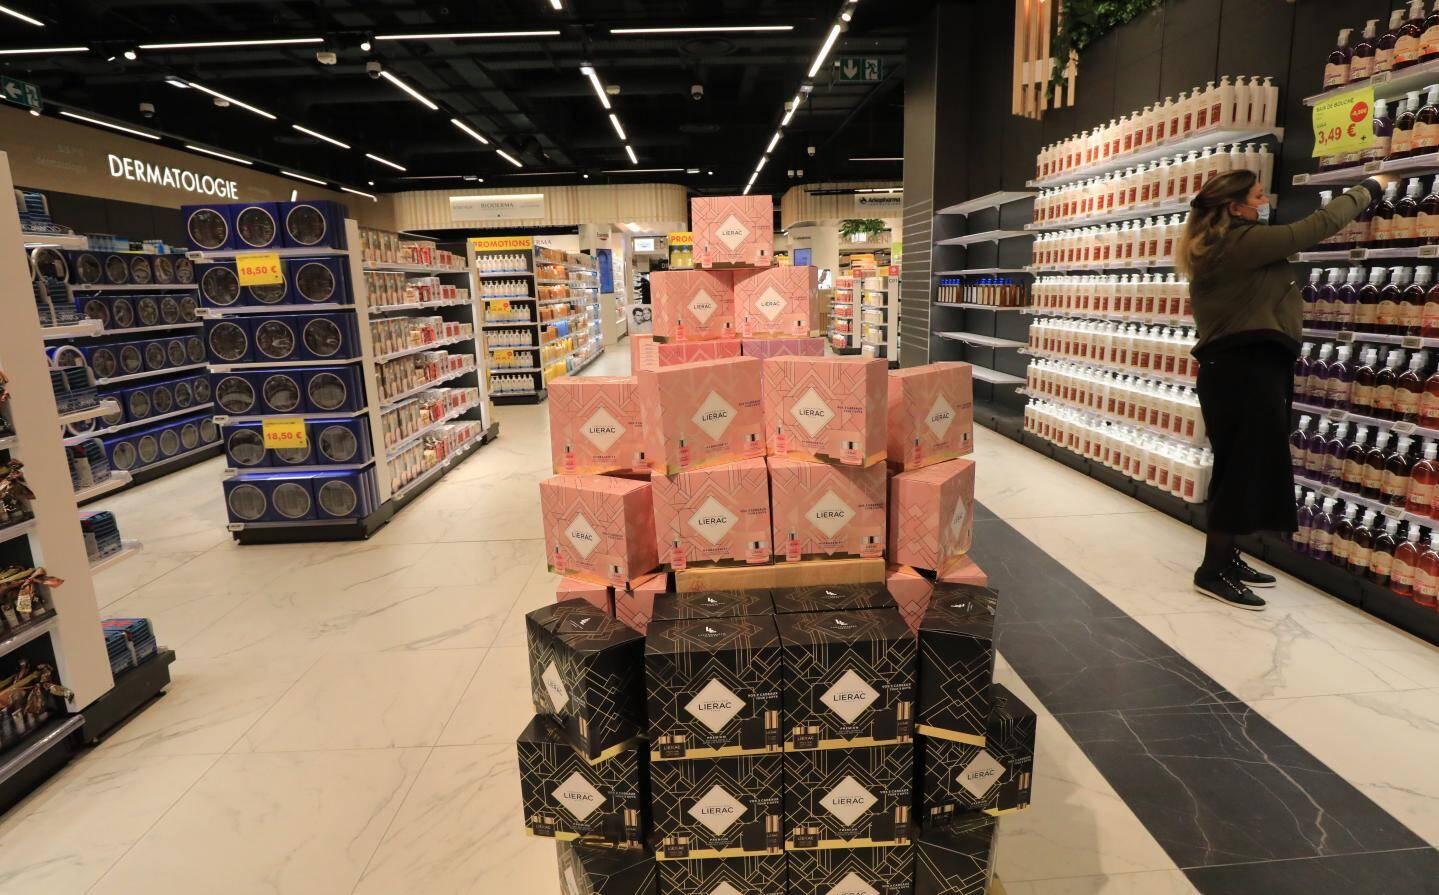 En passant de 500 à 2.500 m2 de surface de vente, la pharmacie de Cap3000  devient la plus grande d'Europe.